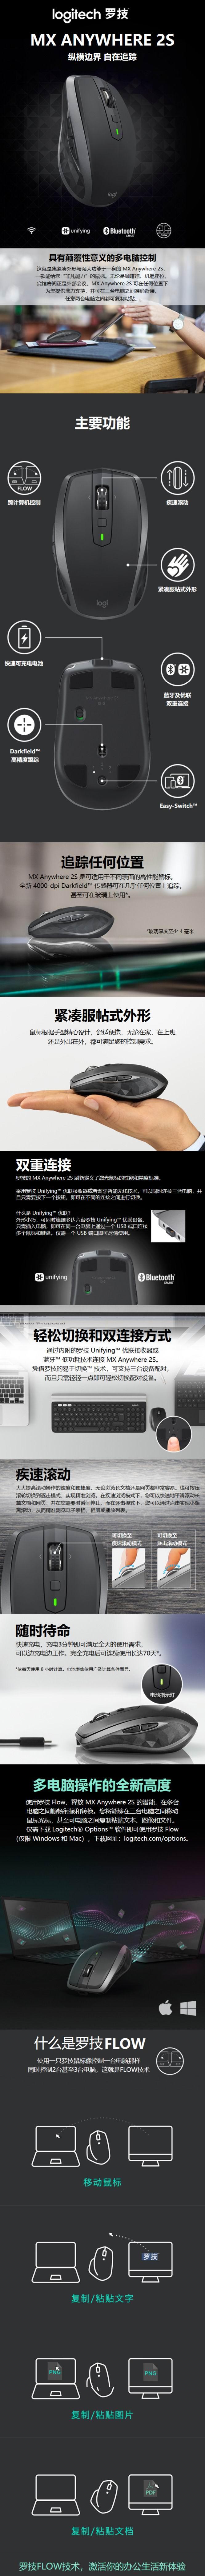 历史最低价!Logitech 罗技 MX Anywhere 2S 无线鼠标 59.99加元包邮!2色可选!